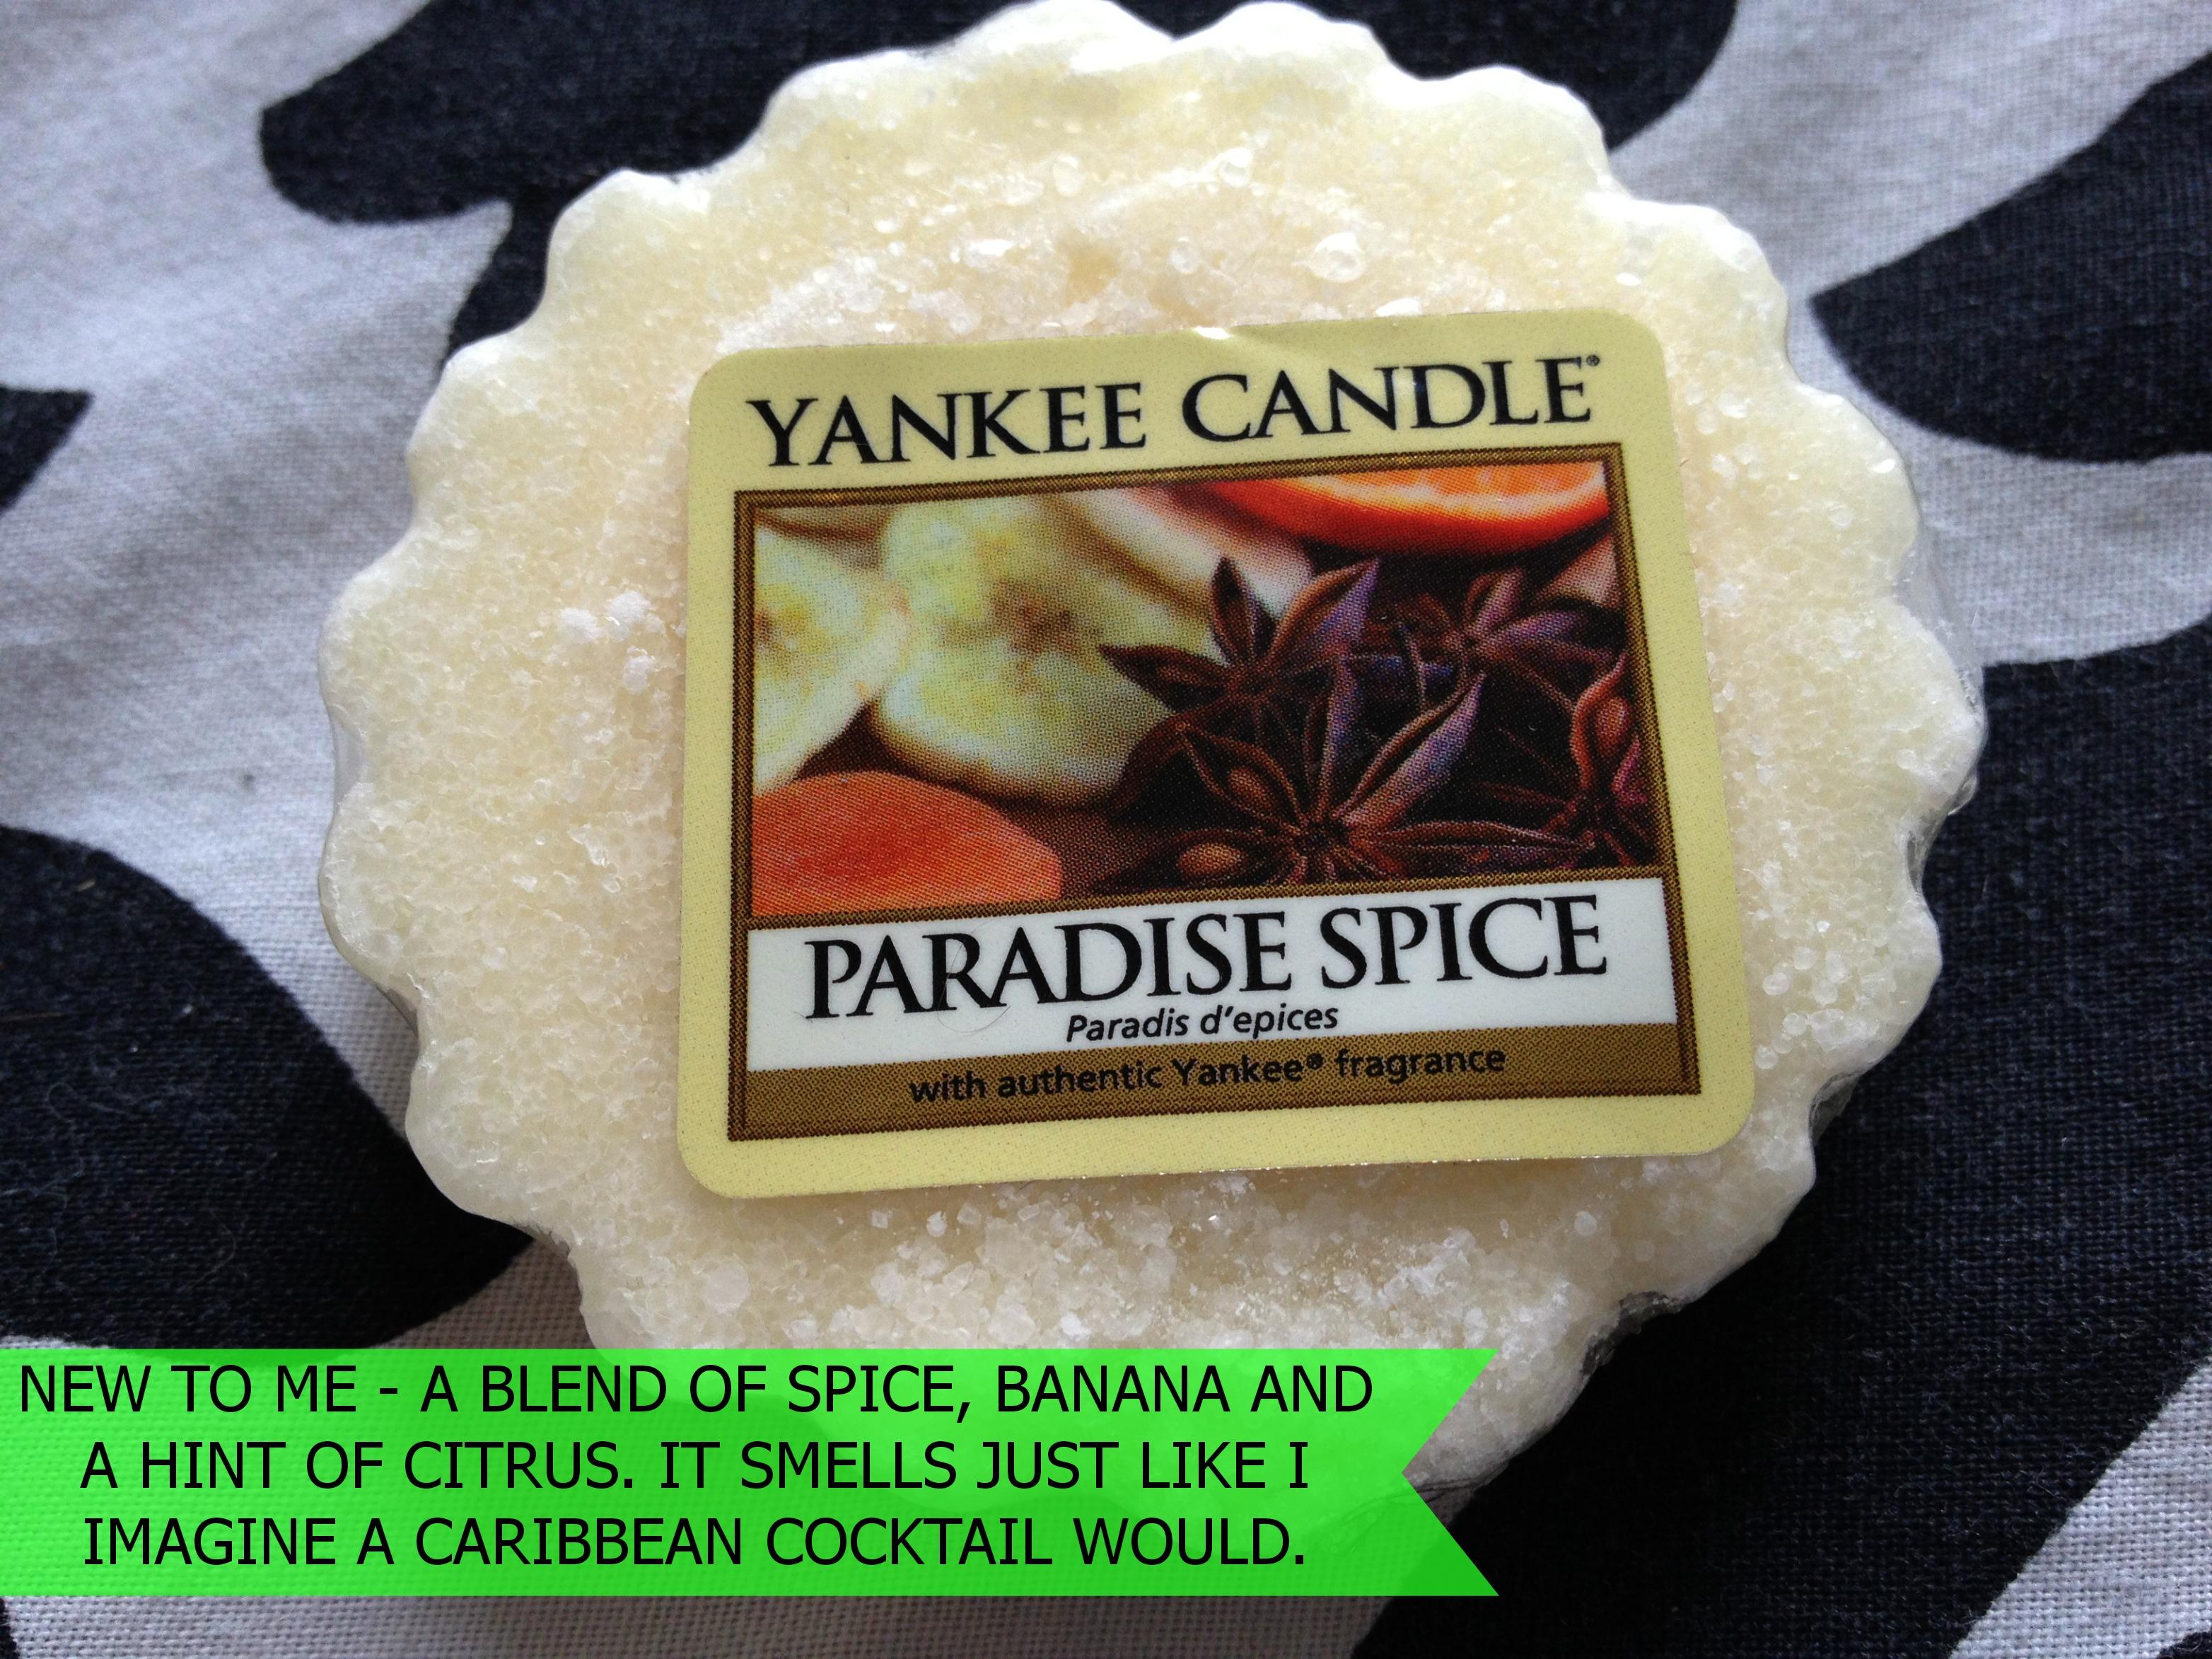 Yankee_Candle_Tart_Haul_Paradise_Spice